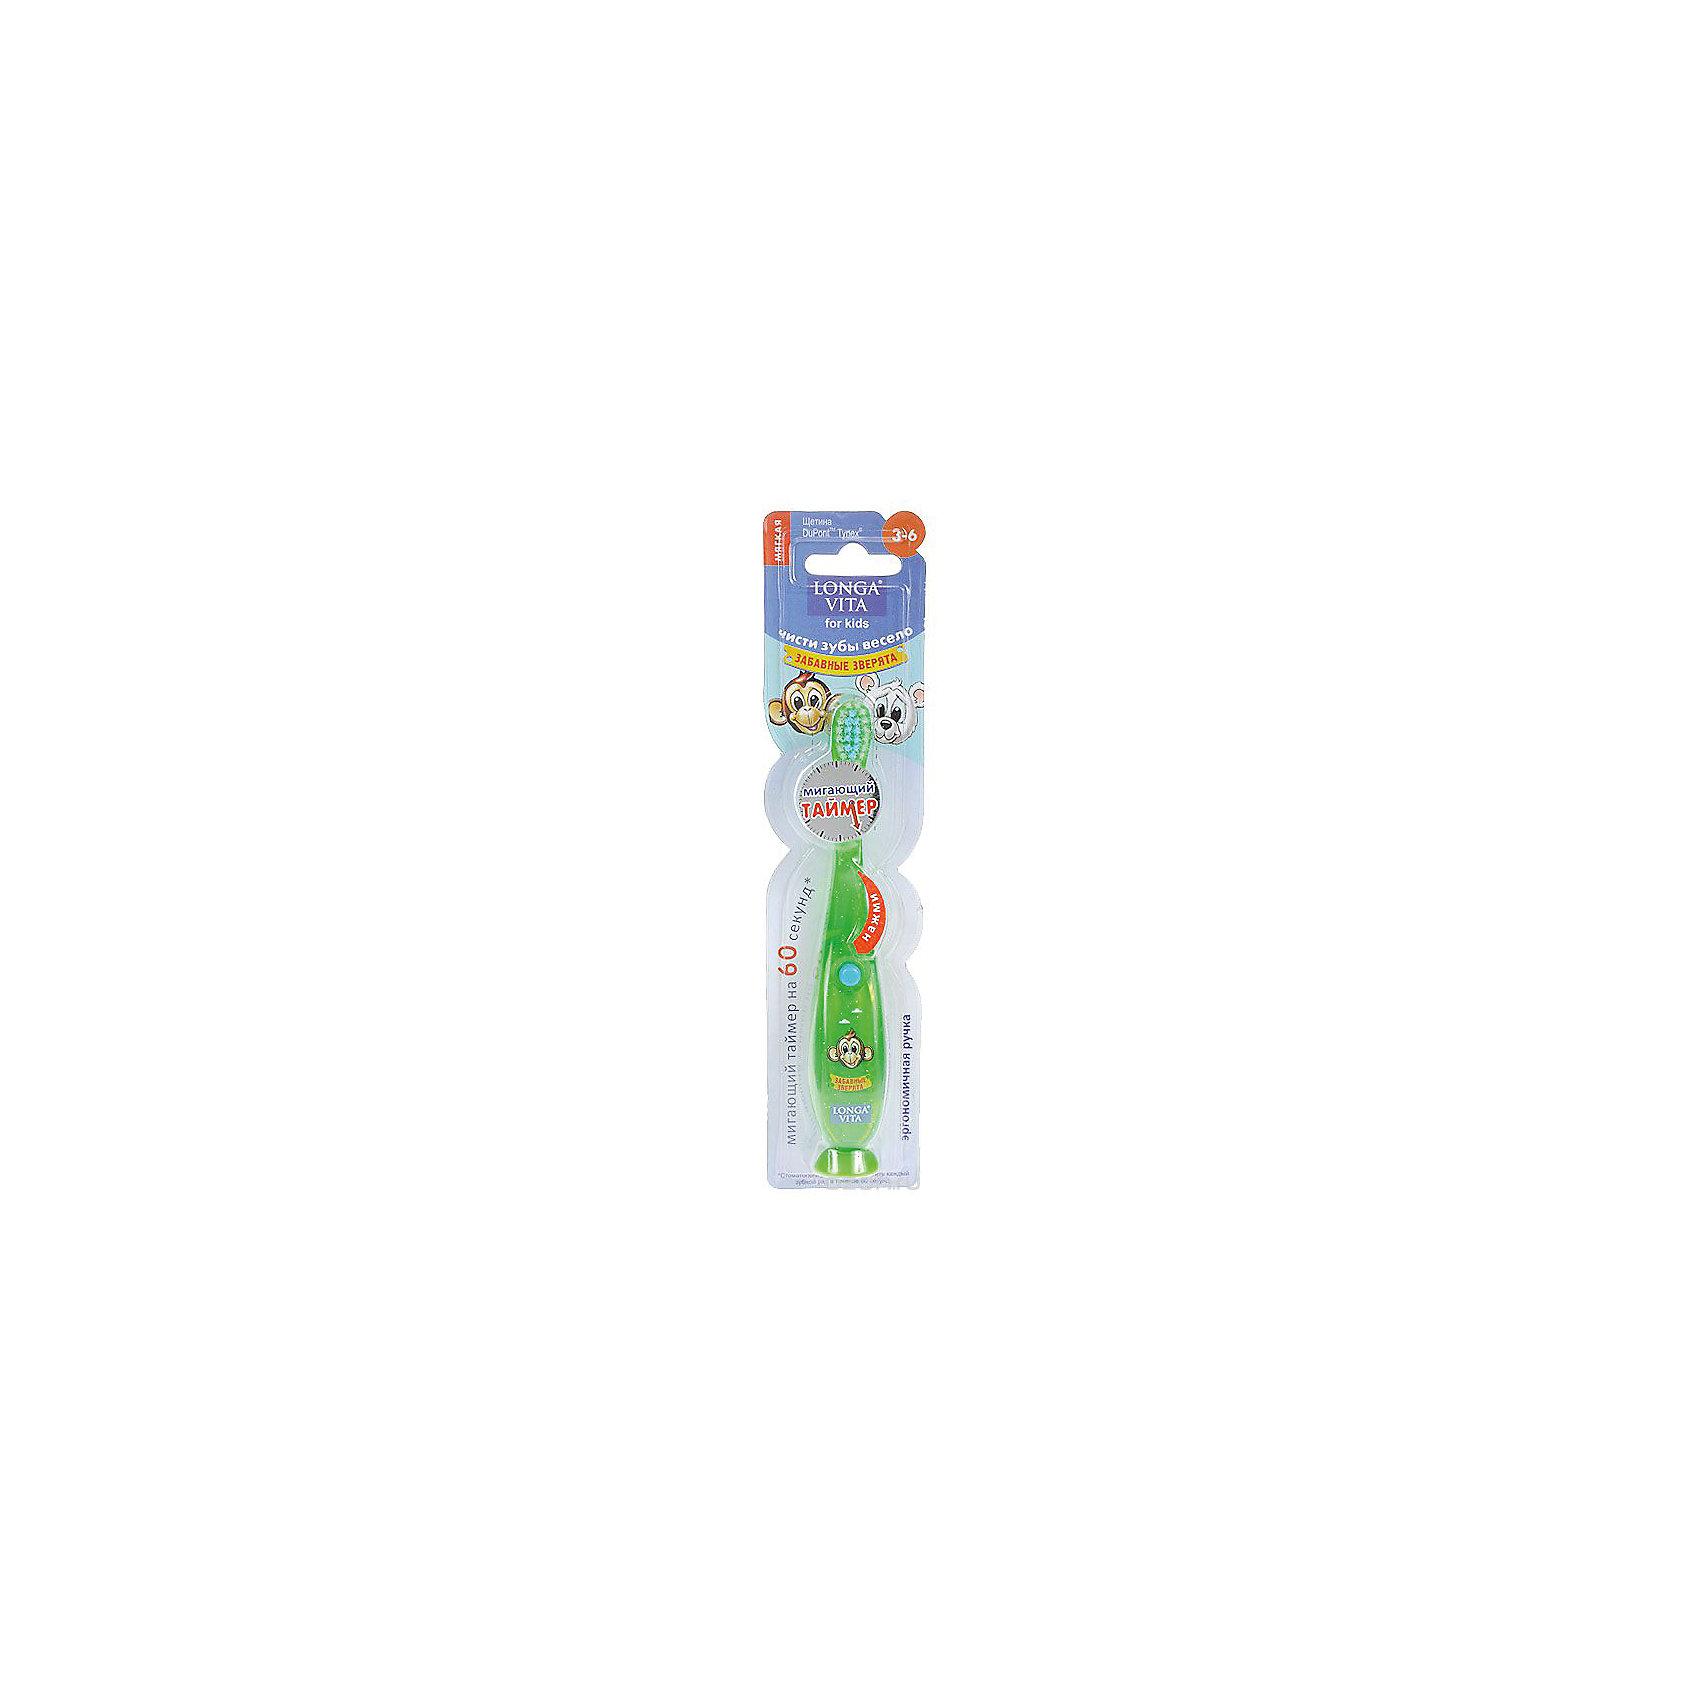 Мигающая зубная щётка на присоске Забавные зверята, 3-6 лет LONGA VITA, зеленыйХарактеристика: <br><br>- Возраст: от 3 до 6 лет.<br>- Орнамент: зеленая обезьяна.<br>- Материал: пластик, щетина.<br>- Световой таймер,<br>- противоскользящая поверхность ручки, <br>- силовой выступ для большого пальца, <br>- цветовое поле щетины для оптимального дозирования пасты,<br>- Присоска-подставка.<br><br>Такая яркая и удобная щетка создана специально для детей от 3 лет.<br>Она поможет привить детям навык чистки зубов, а небольшая чистящая головка и удобная ручка способствуют бережному и безопасному уходу за зубами и дёснами.<br><br>Мигающую зубную щётку на присоске Забавные зверята от LONGA VITA, можно купить в нашем магазине.<br><br>Ширина мм: 160<br>Глубина мм: 20<br>Высота мм: 25<br>Вес г: 40<br>Возраст от месяцев: 36<br>Возраст до месяцев: 72<br>Пол: Женский<br>Возраст: Детский<br>SKU: 5244684